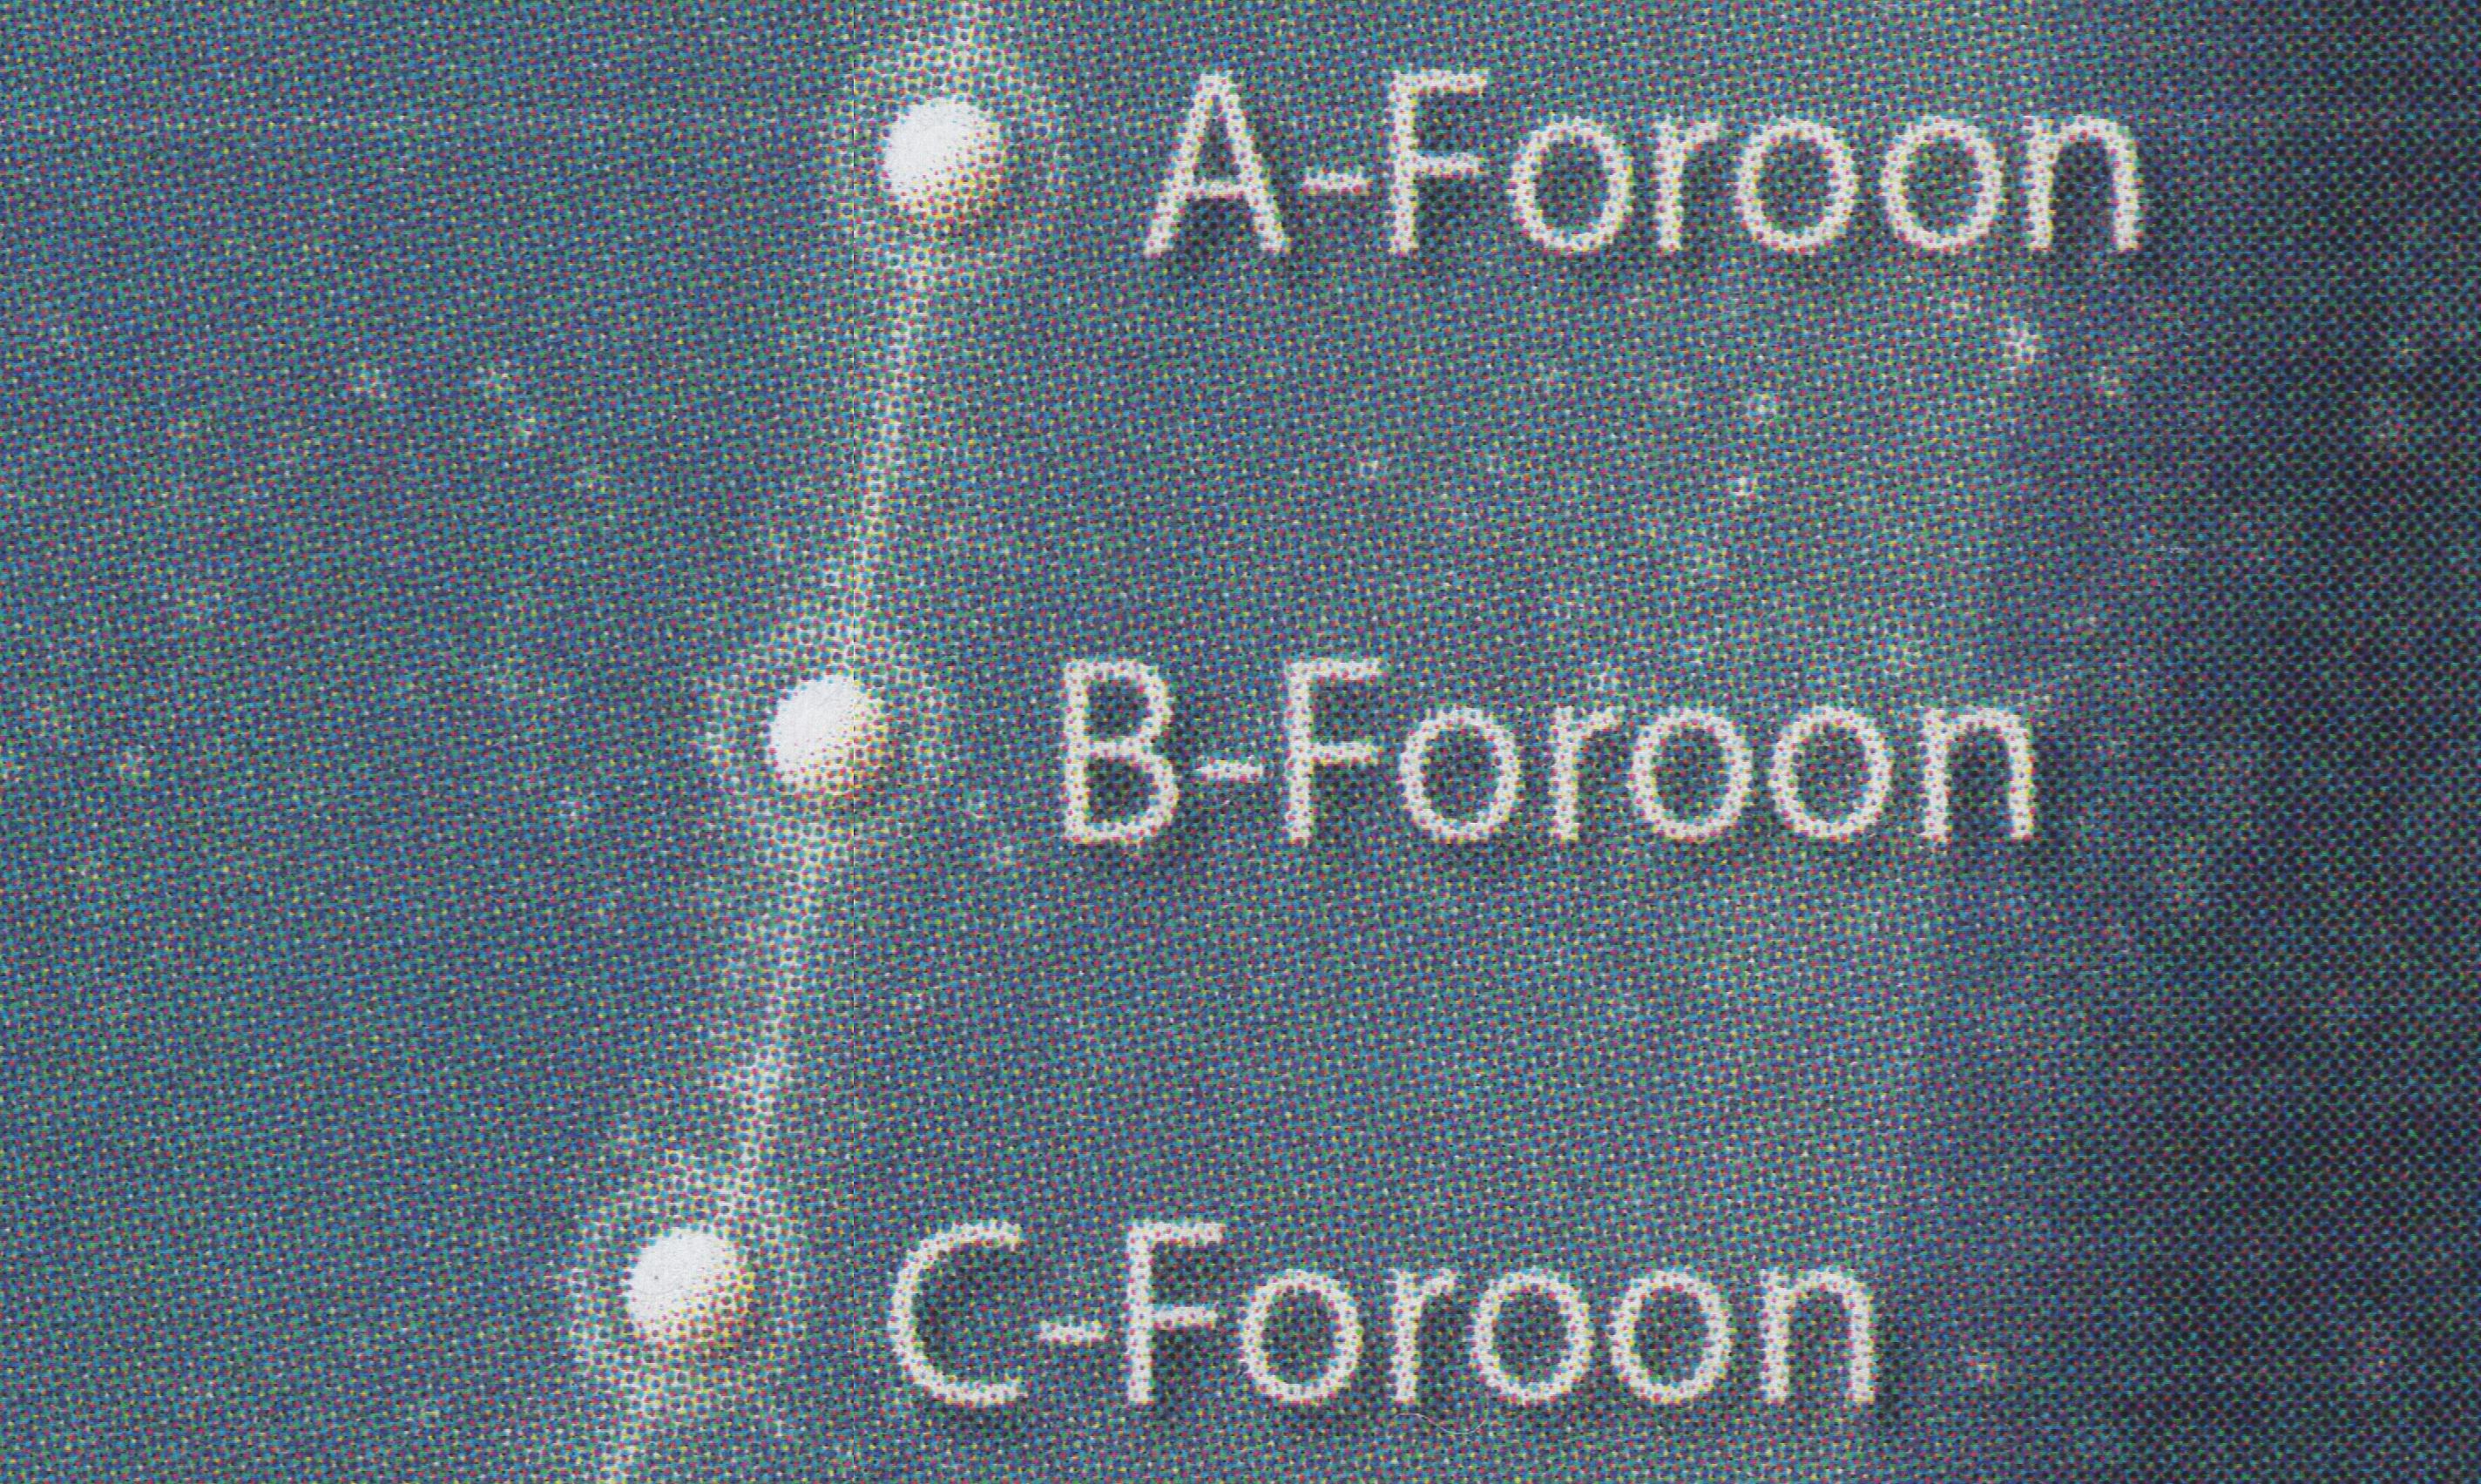 File:B-Foroon.jpg